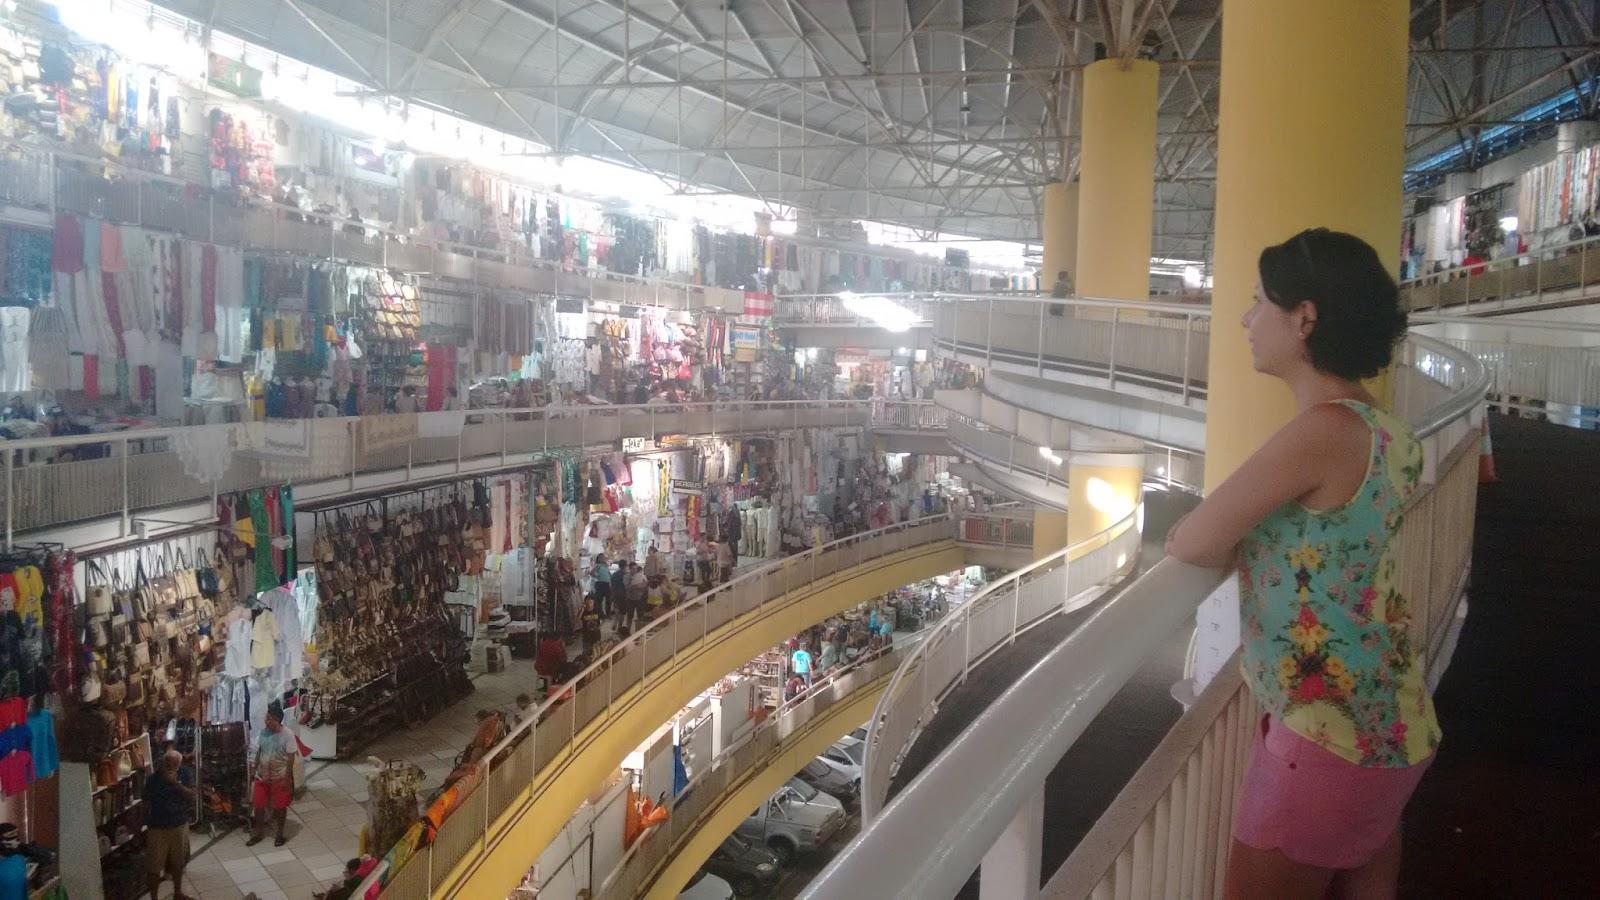 Vamos listar aqui os melhores lugares para compras na cidade 60d279fb22d